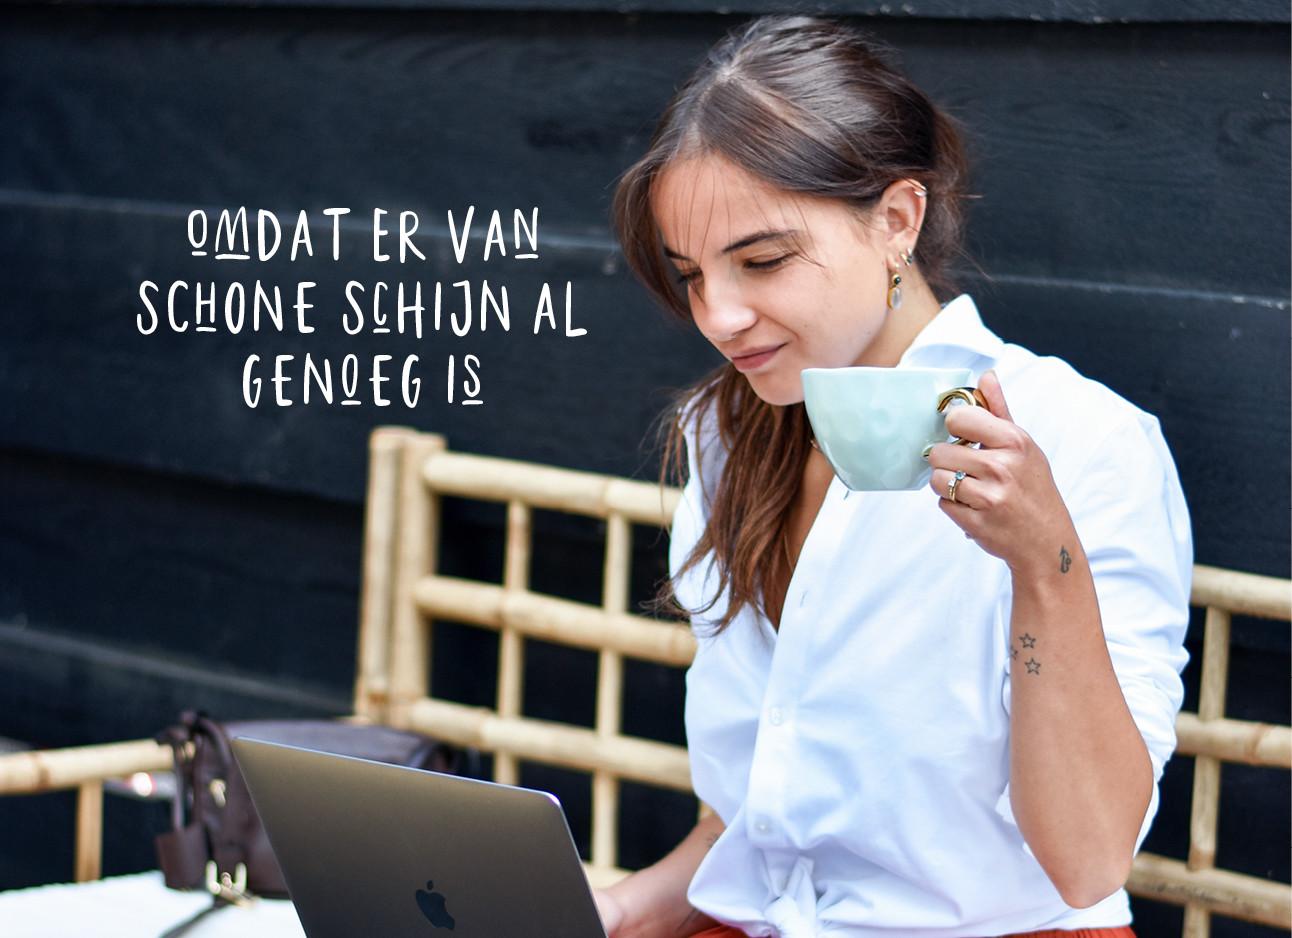 tess die aan het werk is op haar laptop en een kopje koffie drinkt